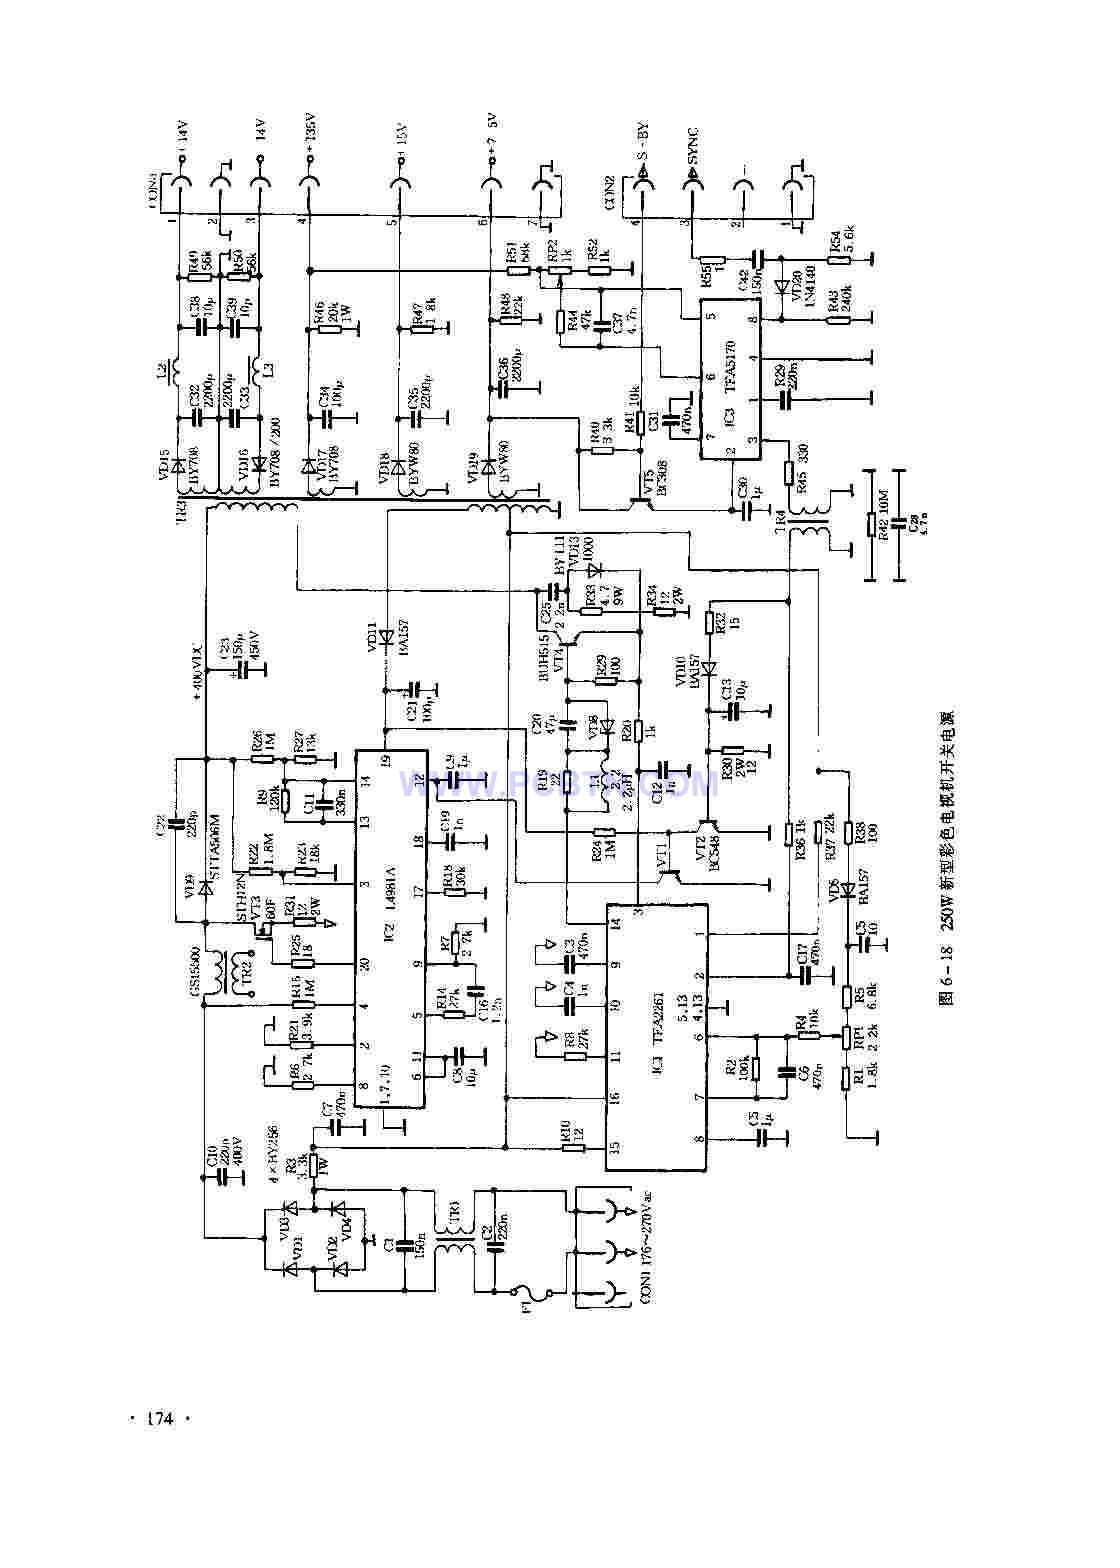 开关电源产品正面临着更新换代,而新一代开关电源的技术焦点就是抗谐技术。采用   14981A型有源功率因数校正(APFC)控制器IC设计的250W新型彩色电视机开关电源电路如图6-18所示。该电源的主要技术指标是:   (1)AC输人电压范围为176-270V;   (2)有五路DC电压输出,即:+135V、+14V、-14V、+15V和+7.